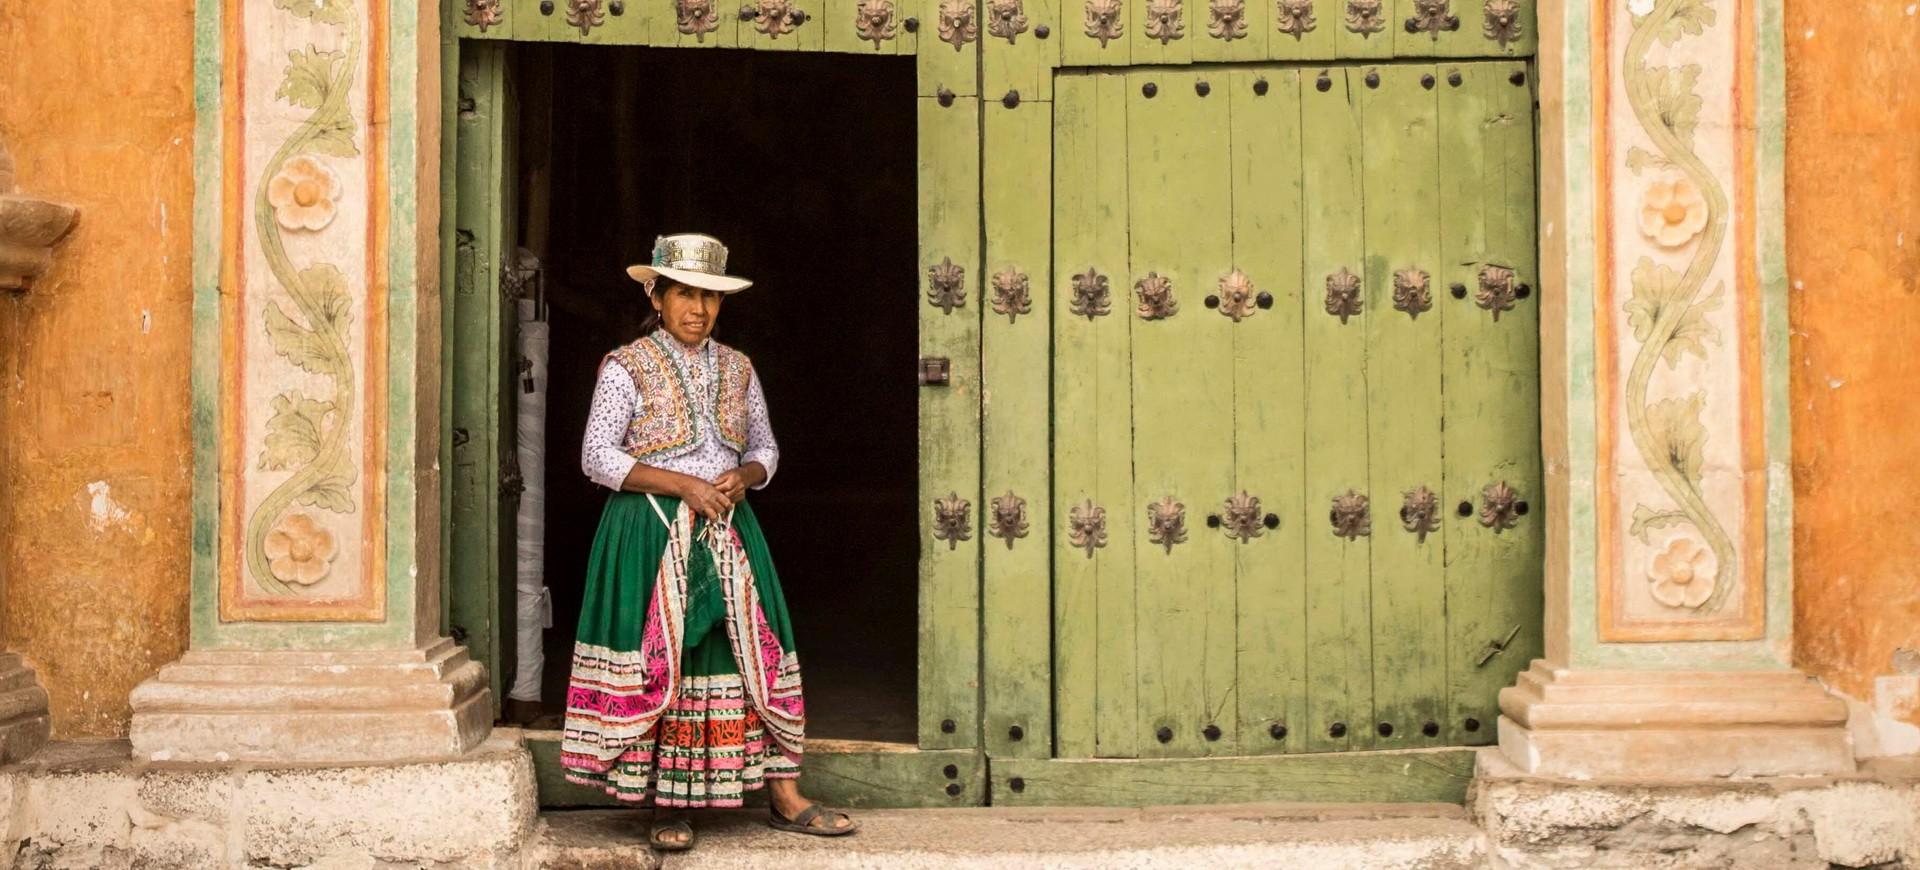 Une femme en habilles traditionnels à Arequipa au Pérou